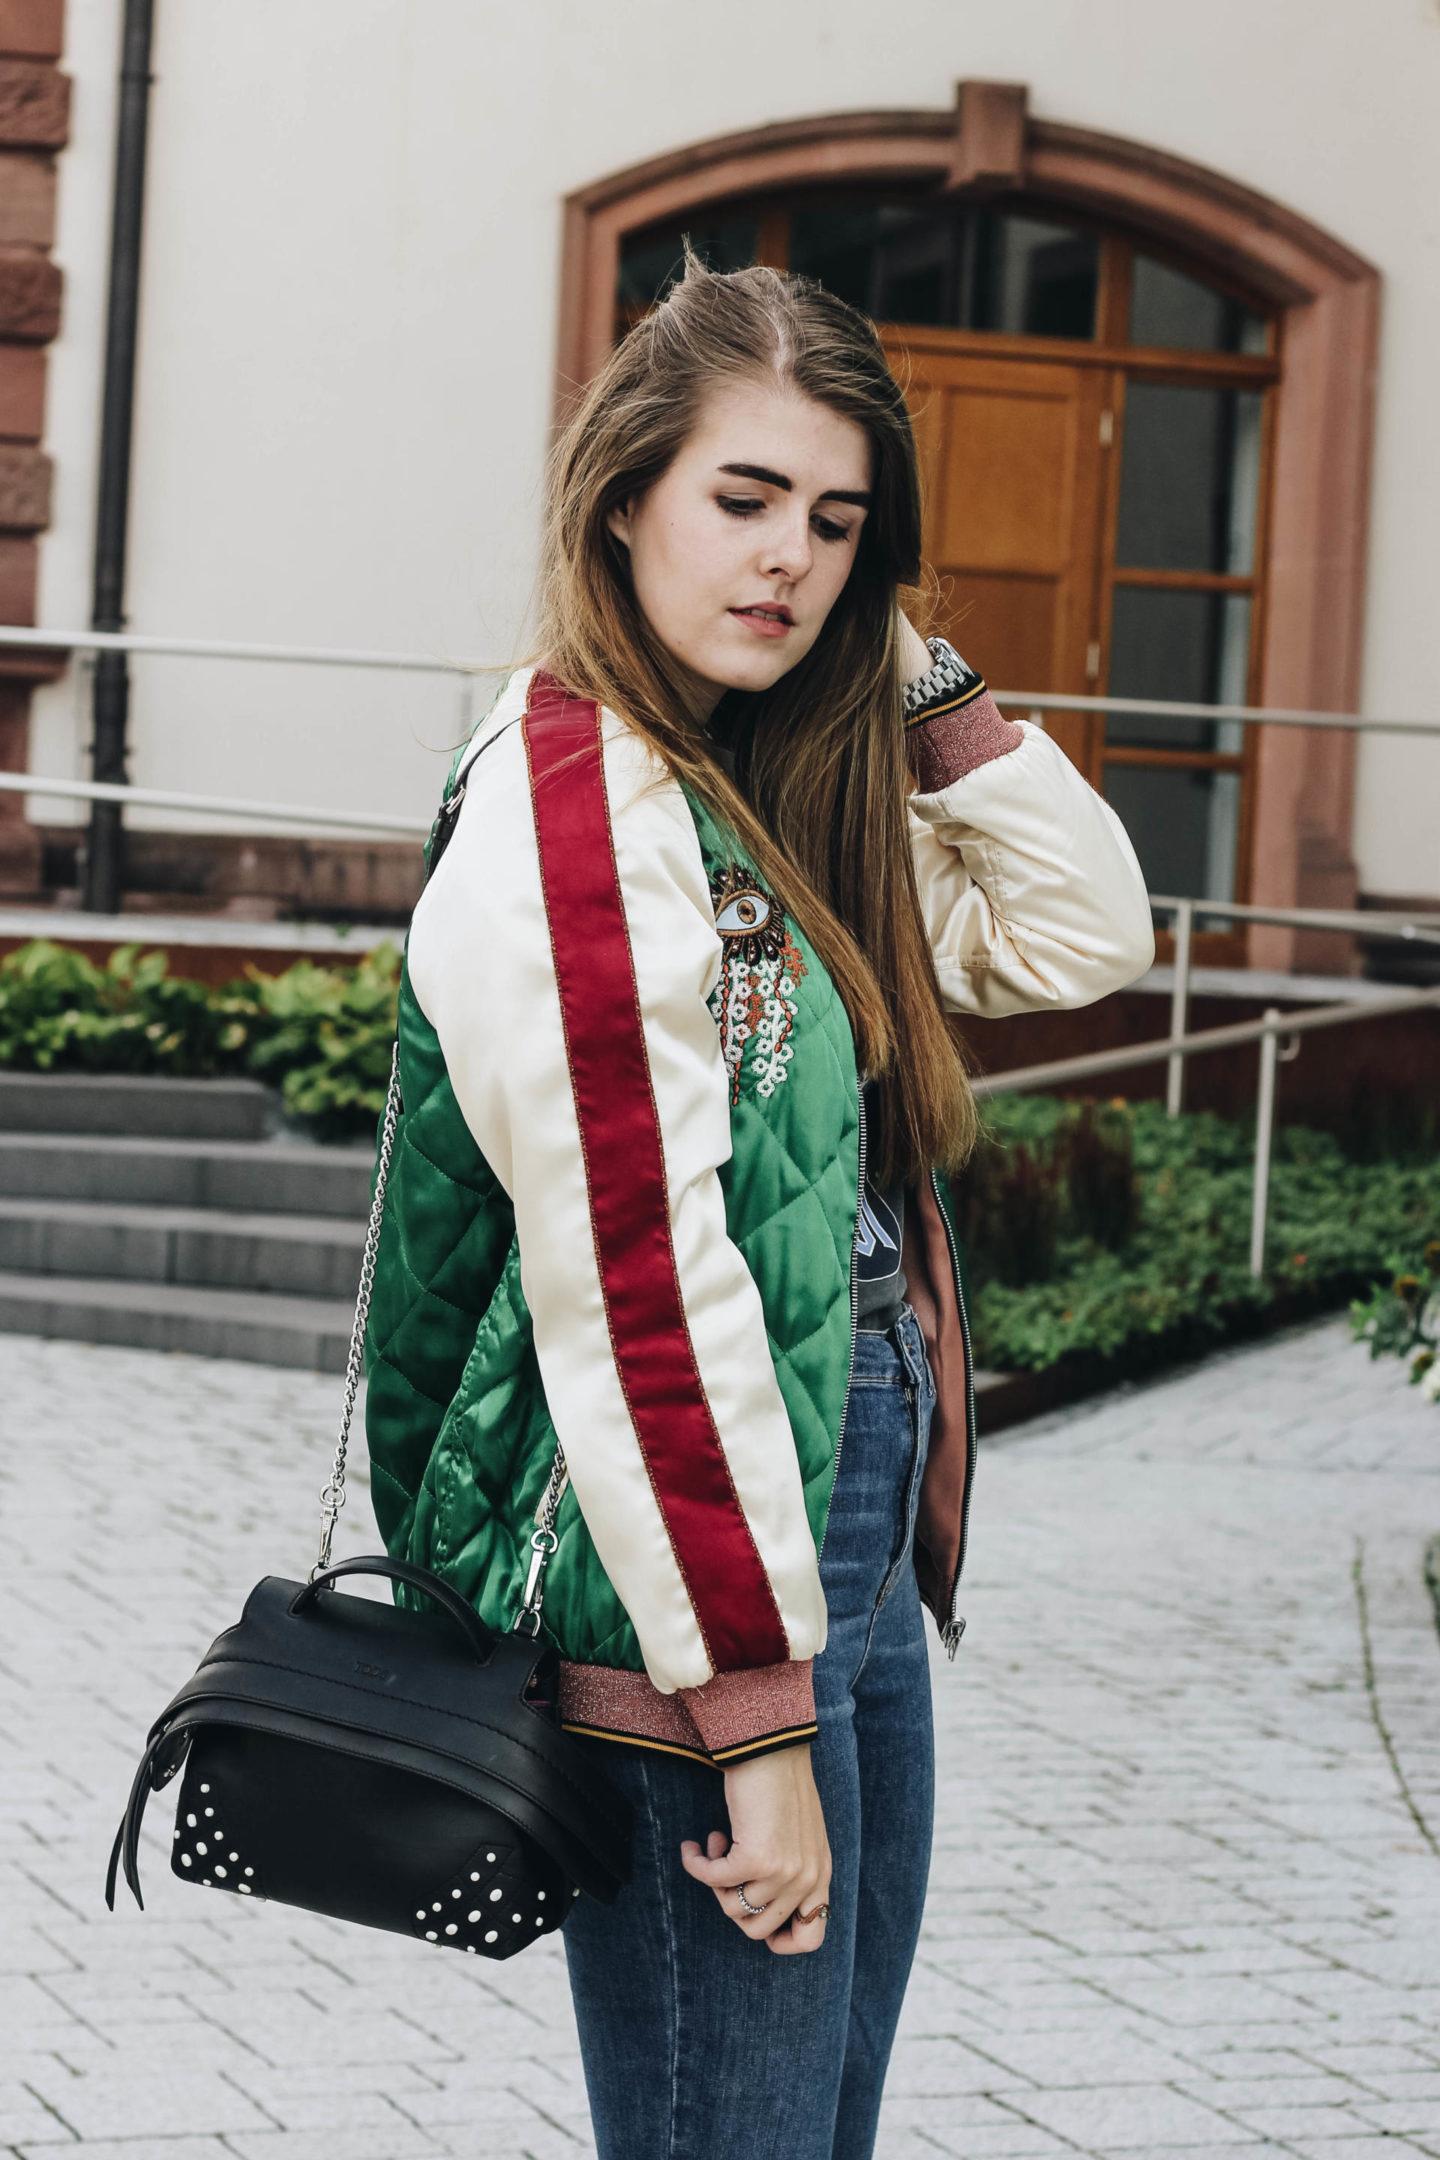 Gelangweilt von H&M und Zara? Meine liebsten Online Shops